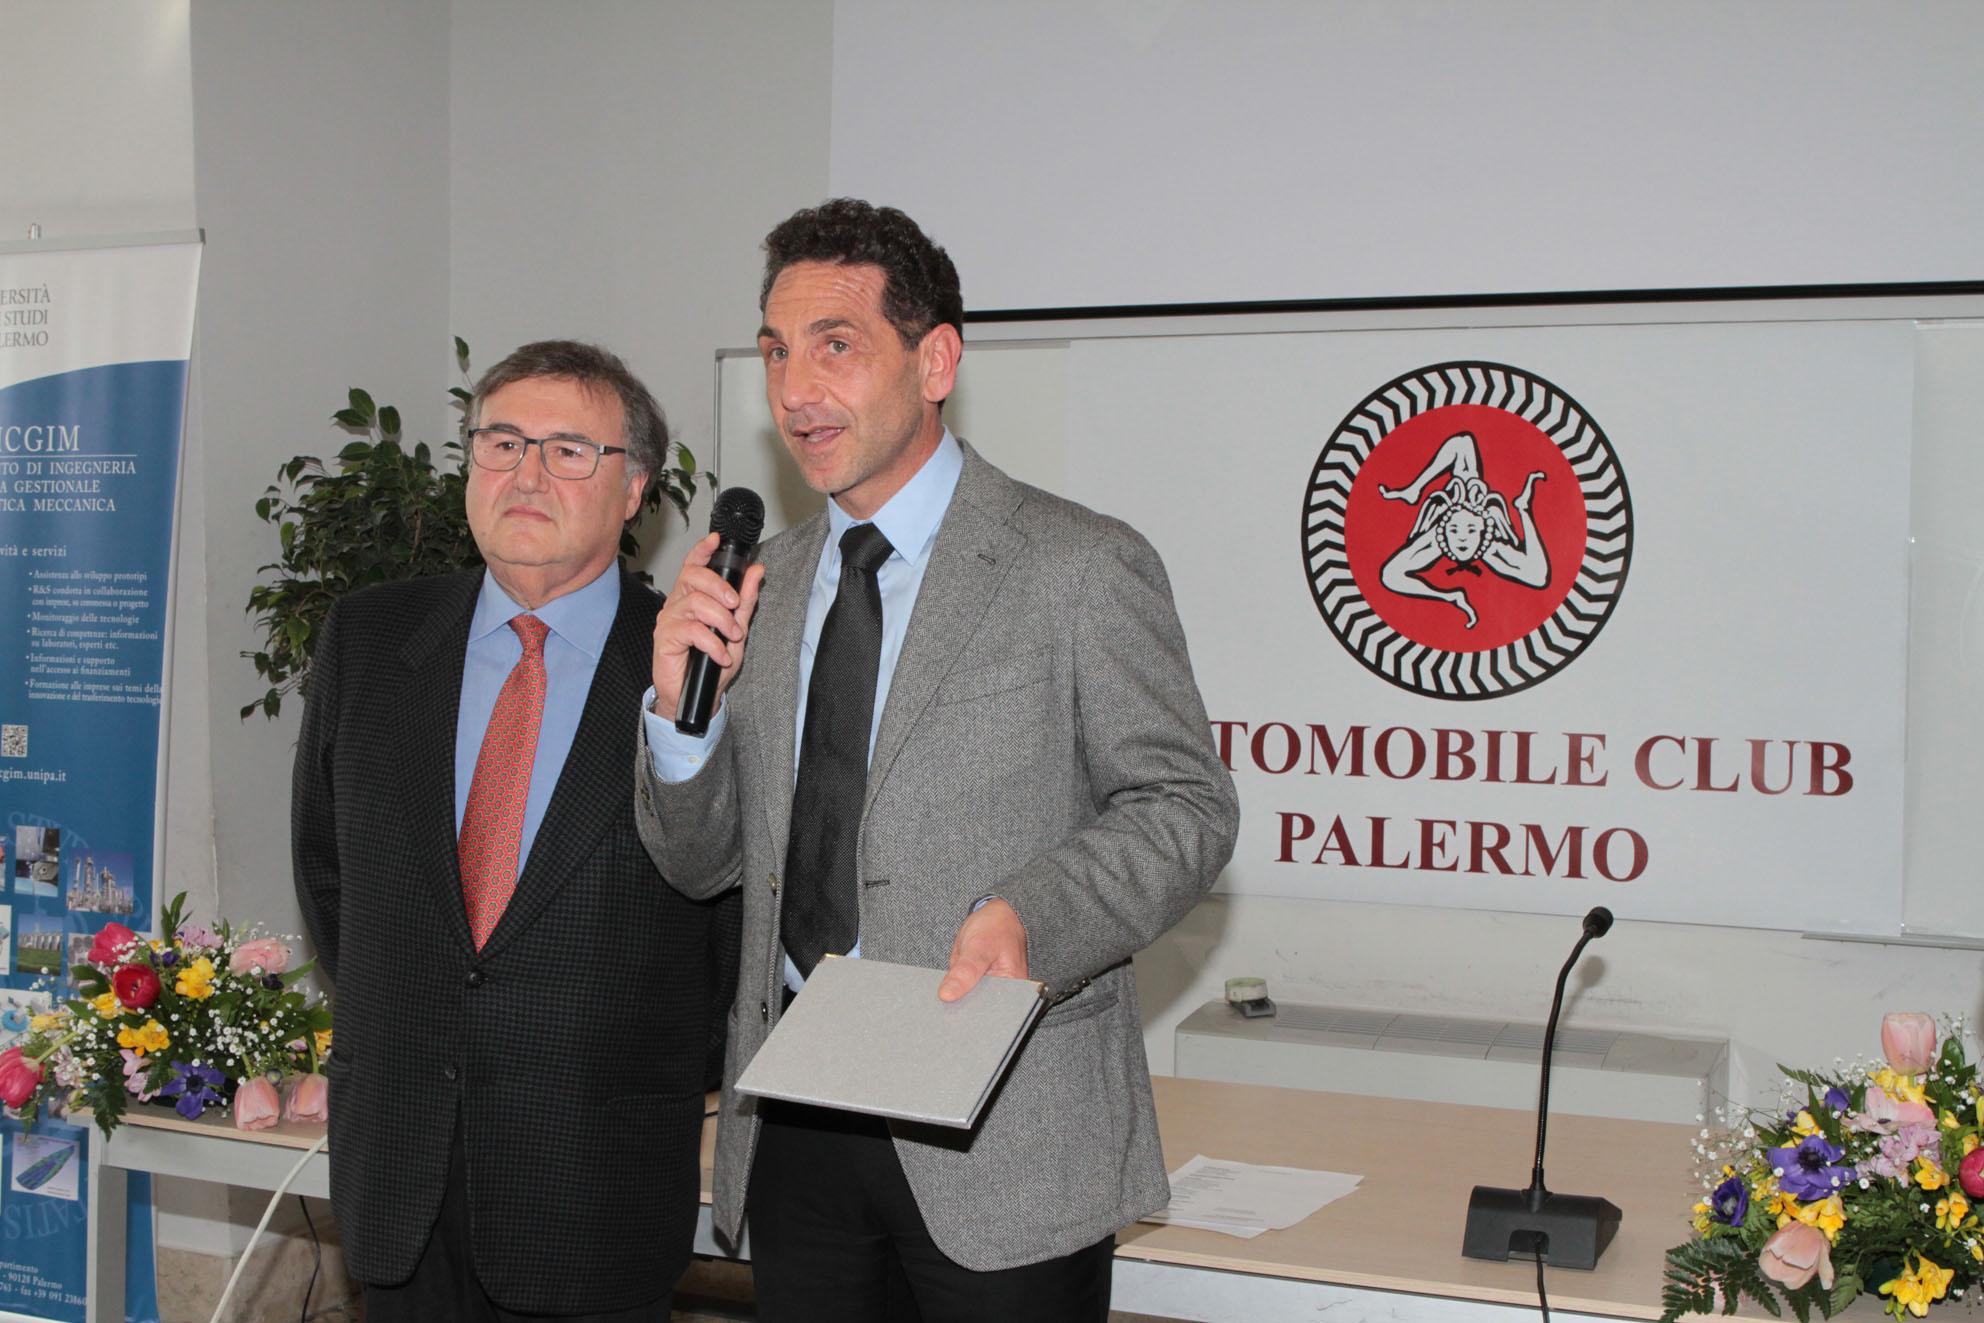 Giuseppe Bellomare della Comm Sportiva e Giosuè Rizzuto Camp Mondiale Ferrari Challenge